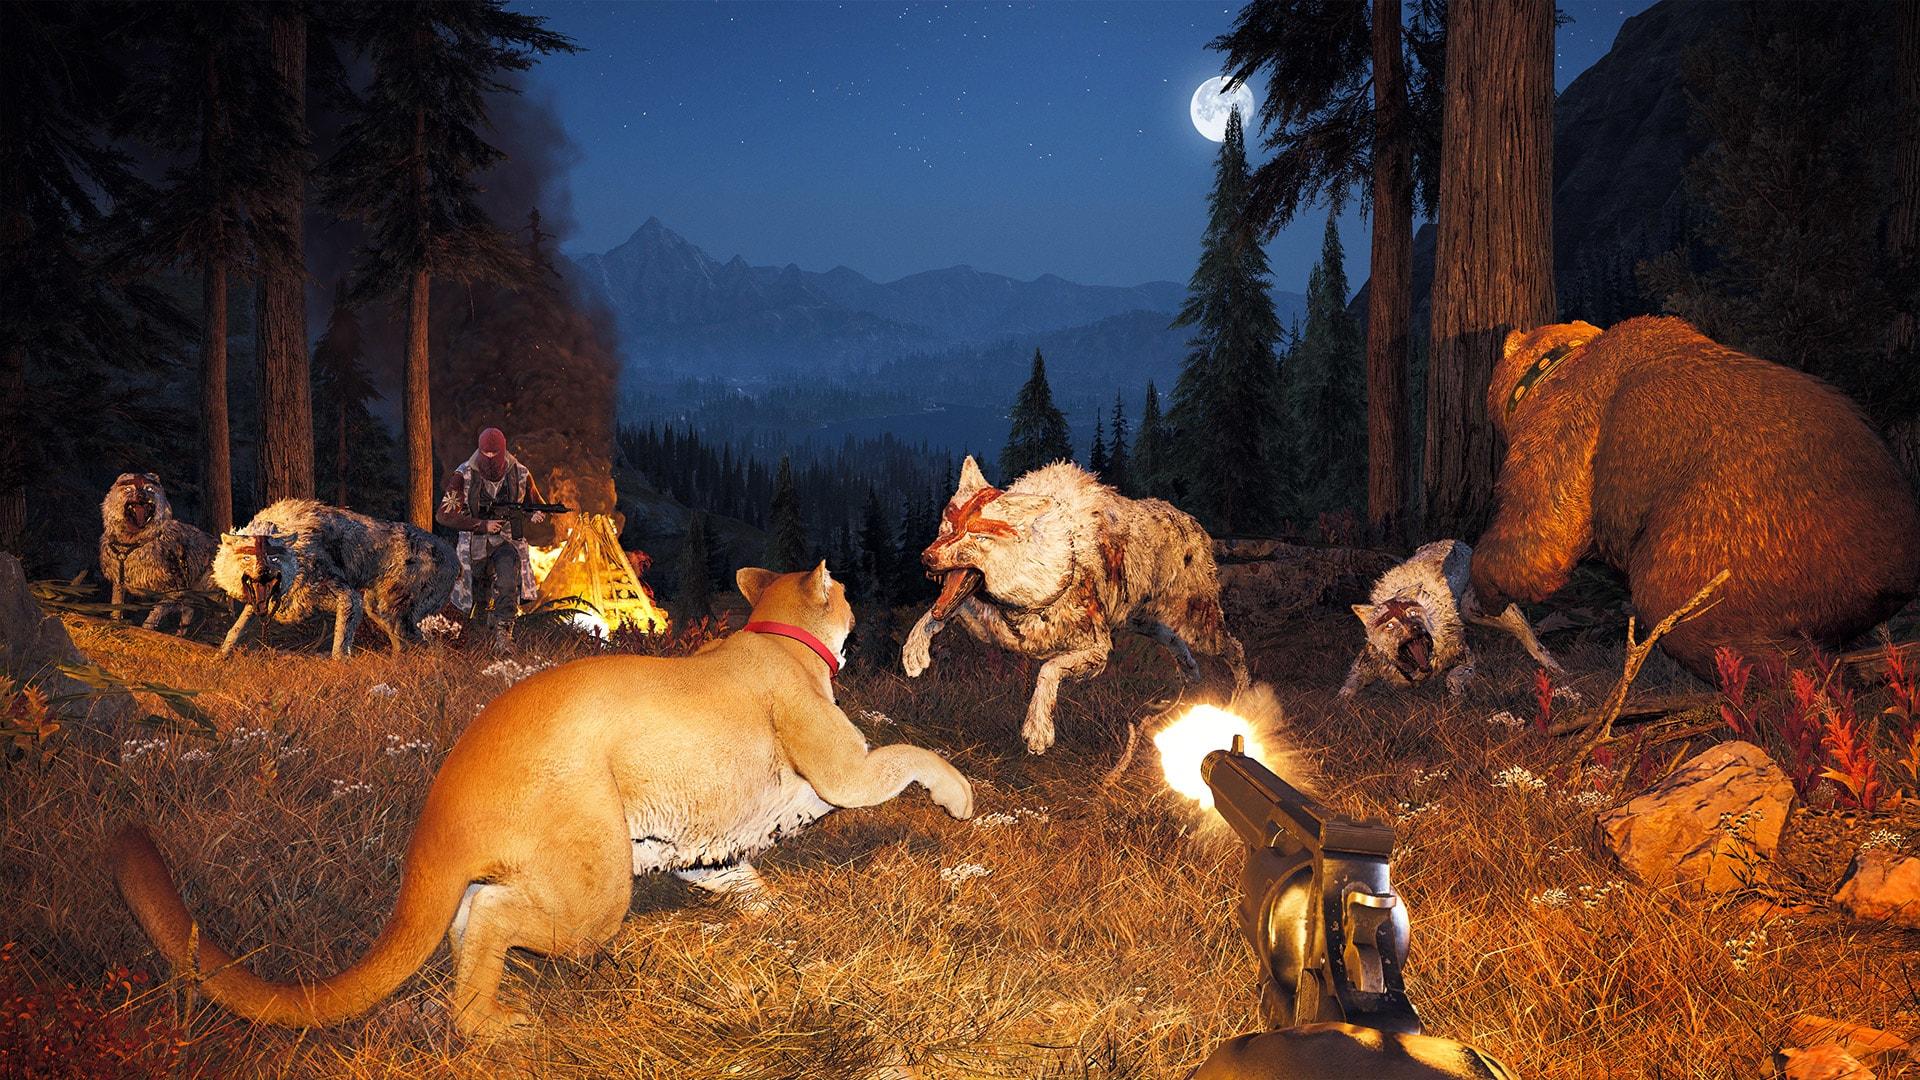 Du vil høre skumle rovdyr overalt, spesielt på natta. Bruk kjøtt du finner for å få dem til å angripe fienden!